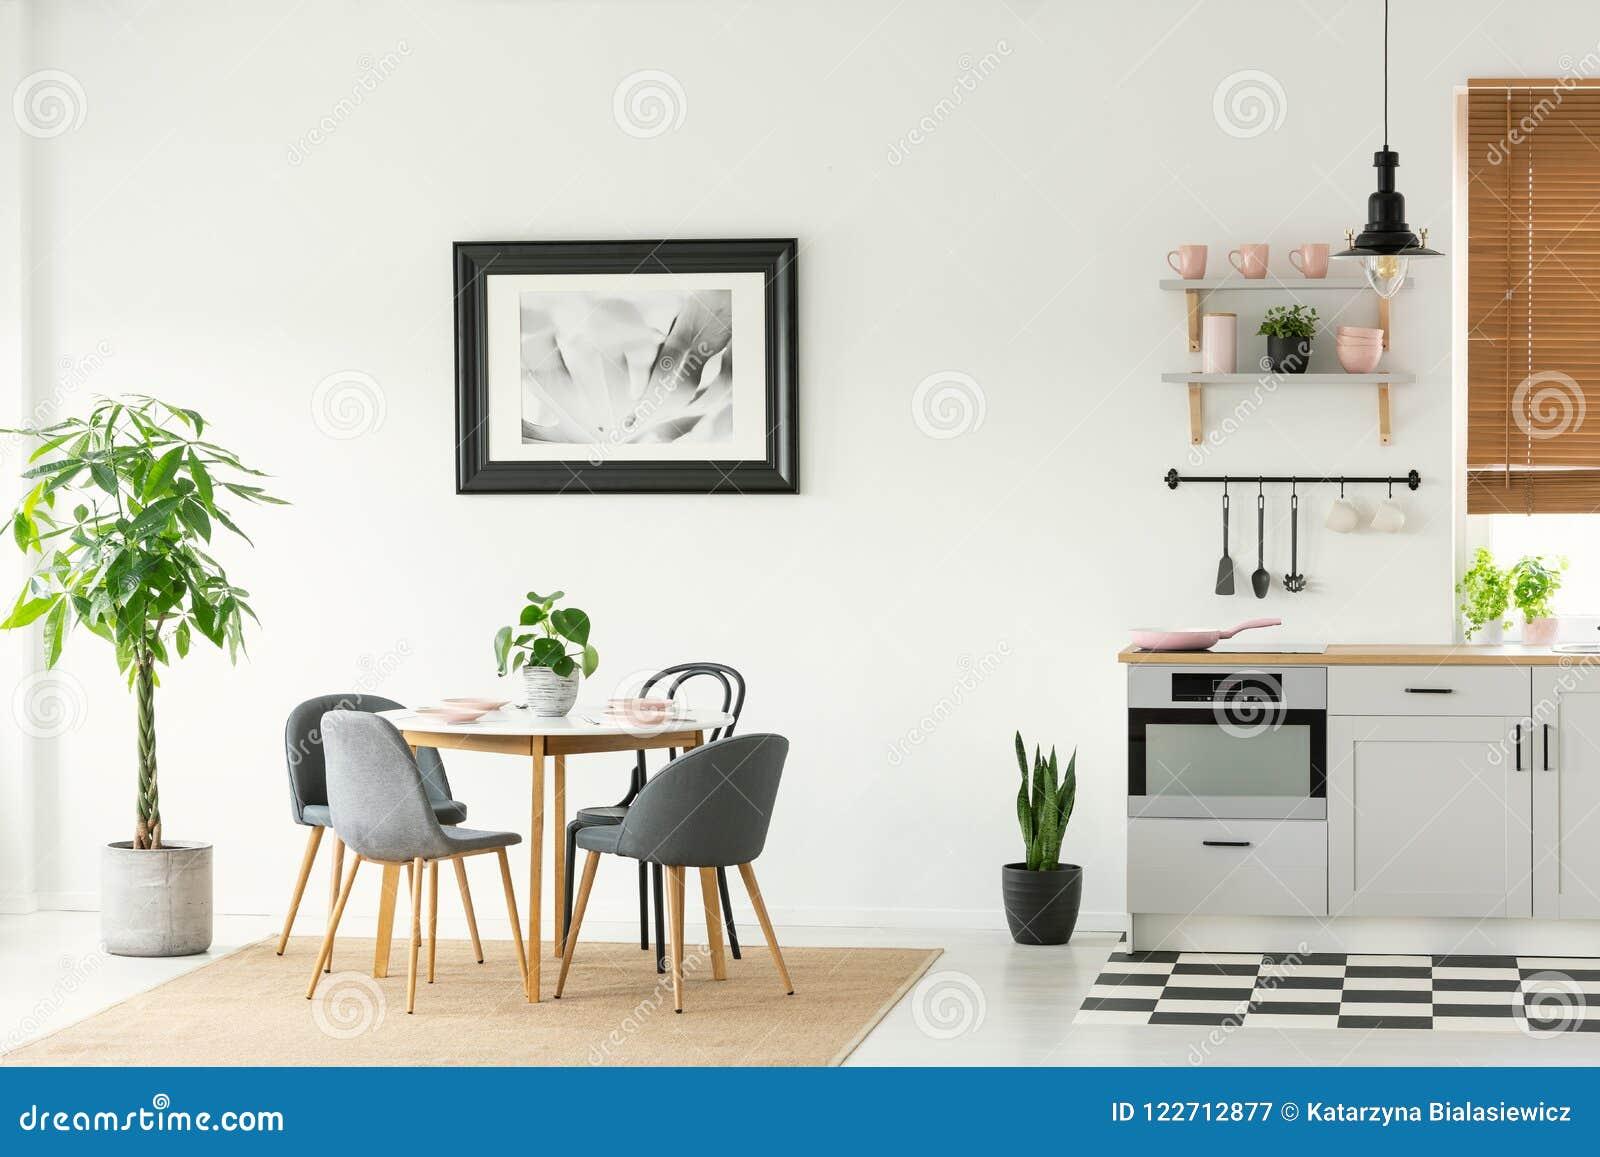 在白色墙壁上的被构筑的照片在与现代,木家具和植物的露天场所餐厅和厨房内部